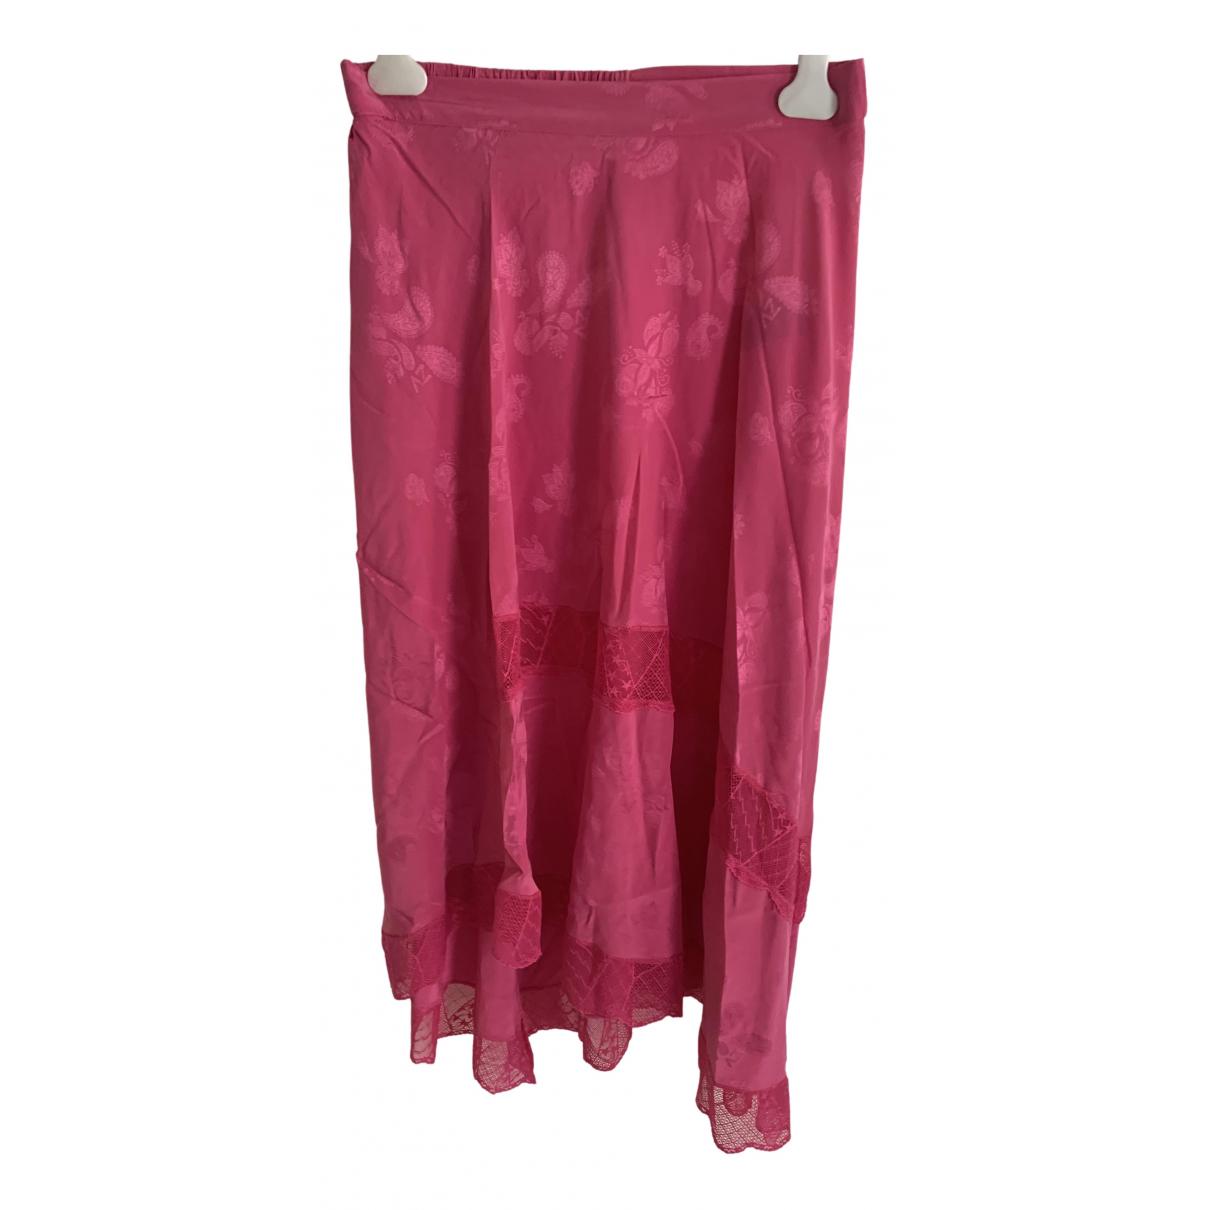 Zadig & Voltaire - Jupe Spring Summer 2020 pour femme en soie - rose